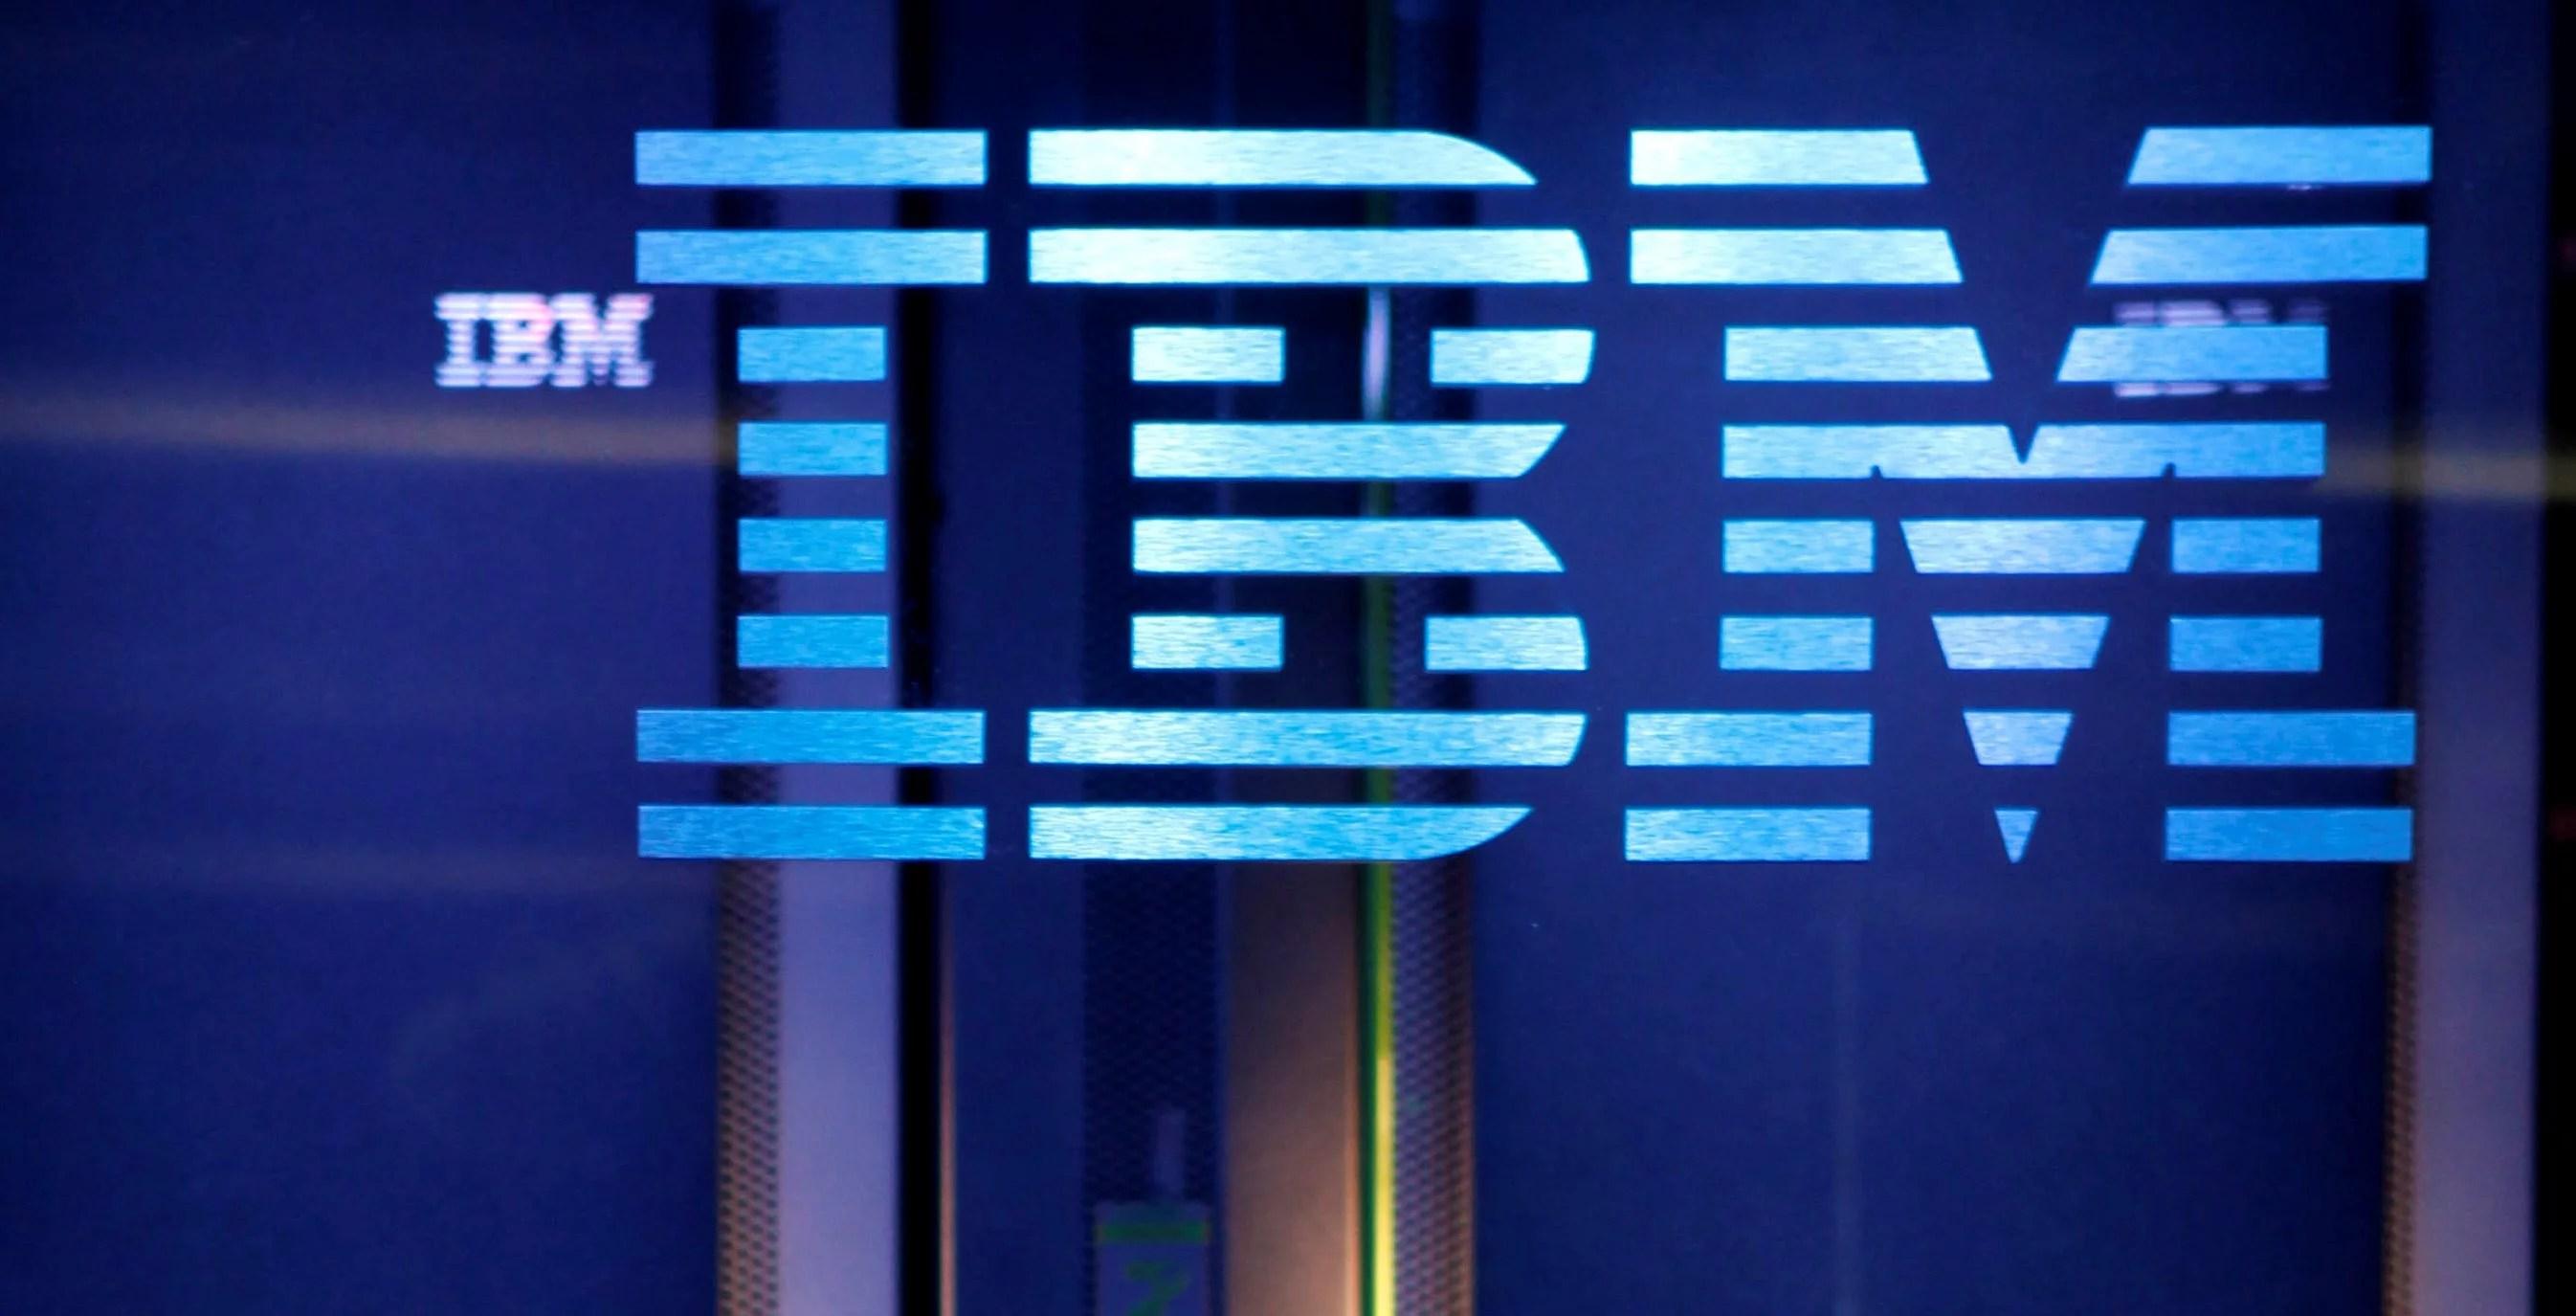 IBM solicita una patente para un navegador web que registra información de sesiones en una cadena de bloques